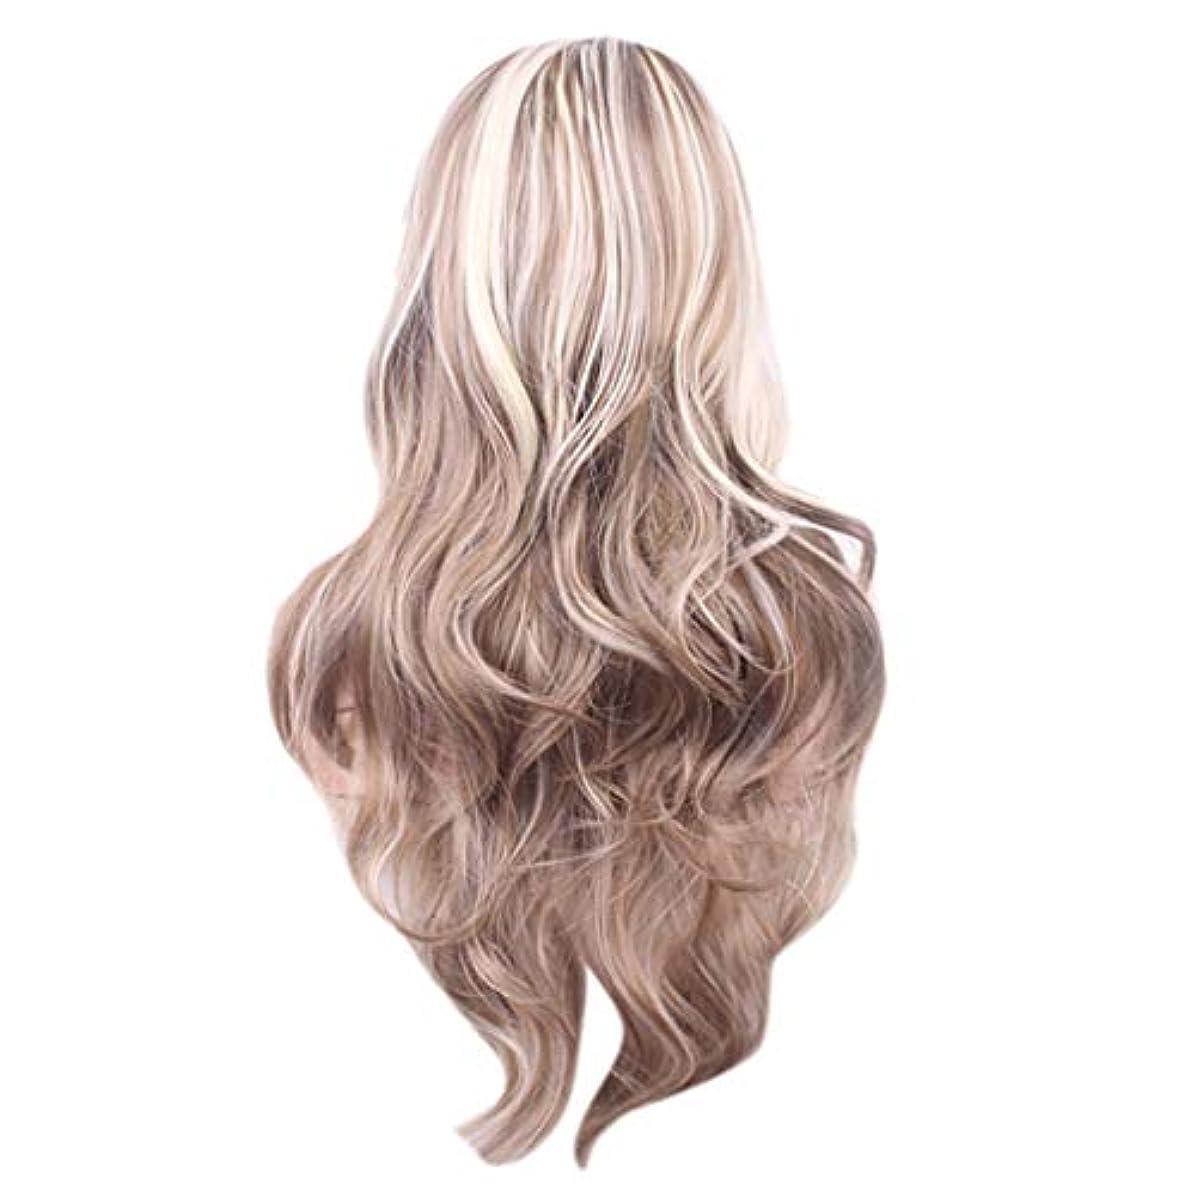 反抗完璧ミンチ女性のセクシーな長い巻き毛のかつら70センチウィッグ